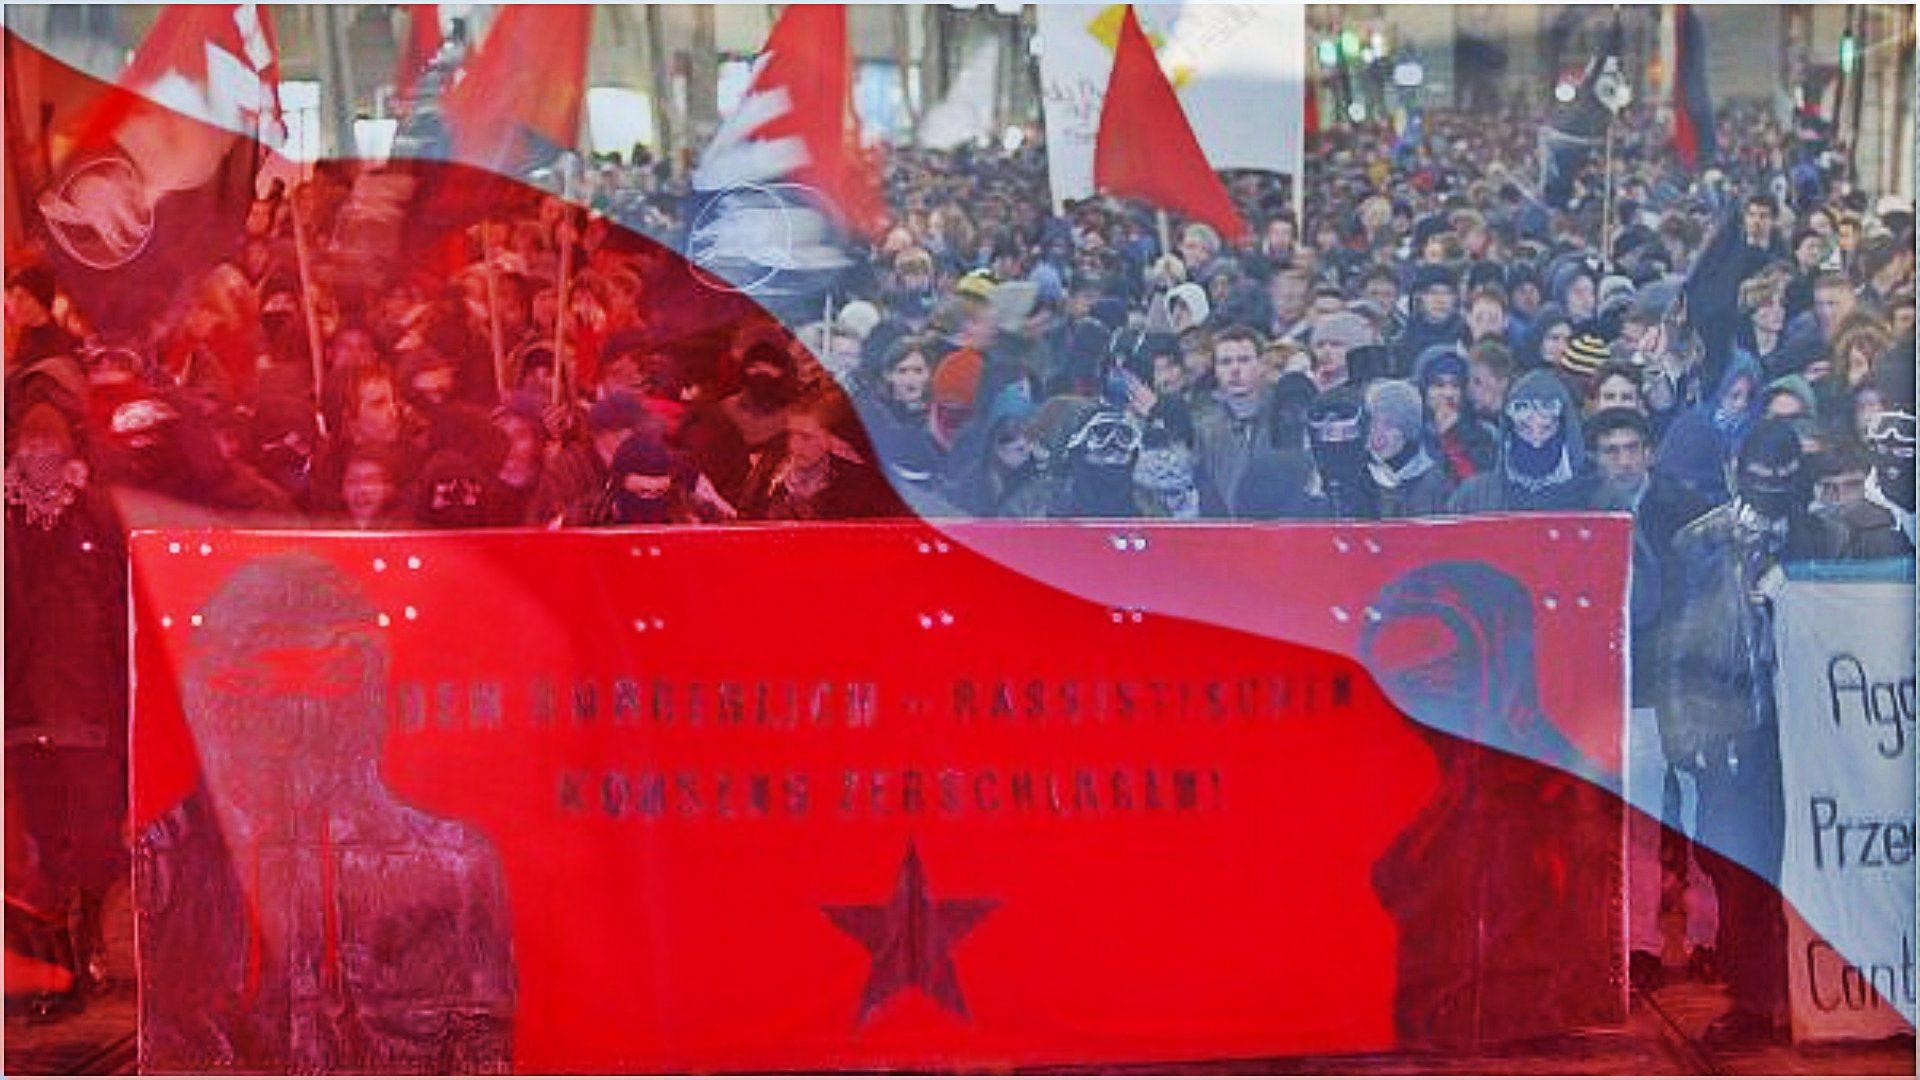 Prawicę zatkało. Antifa publicznie upokorzyła Polskę